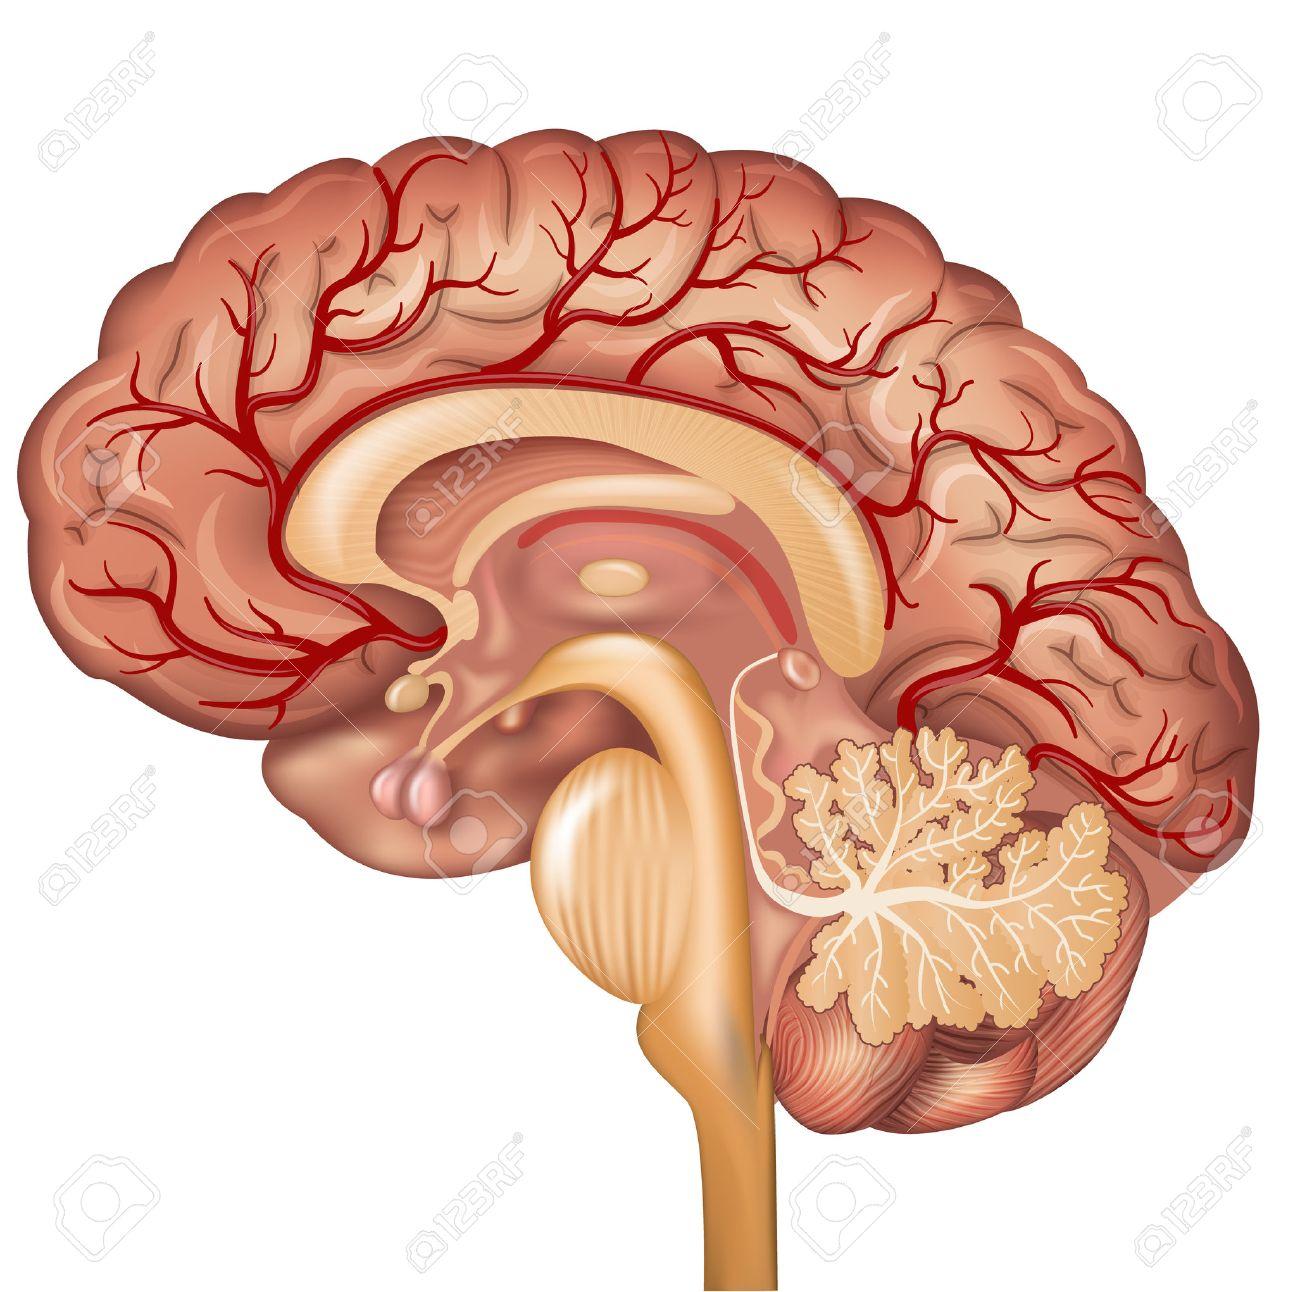 Gehirn Und Blutgefäße Des Gehirns, Schöne Bunte Illustration ...